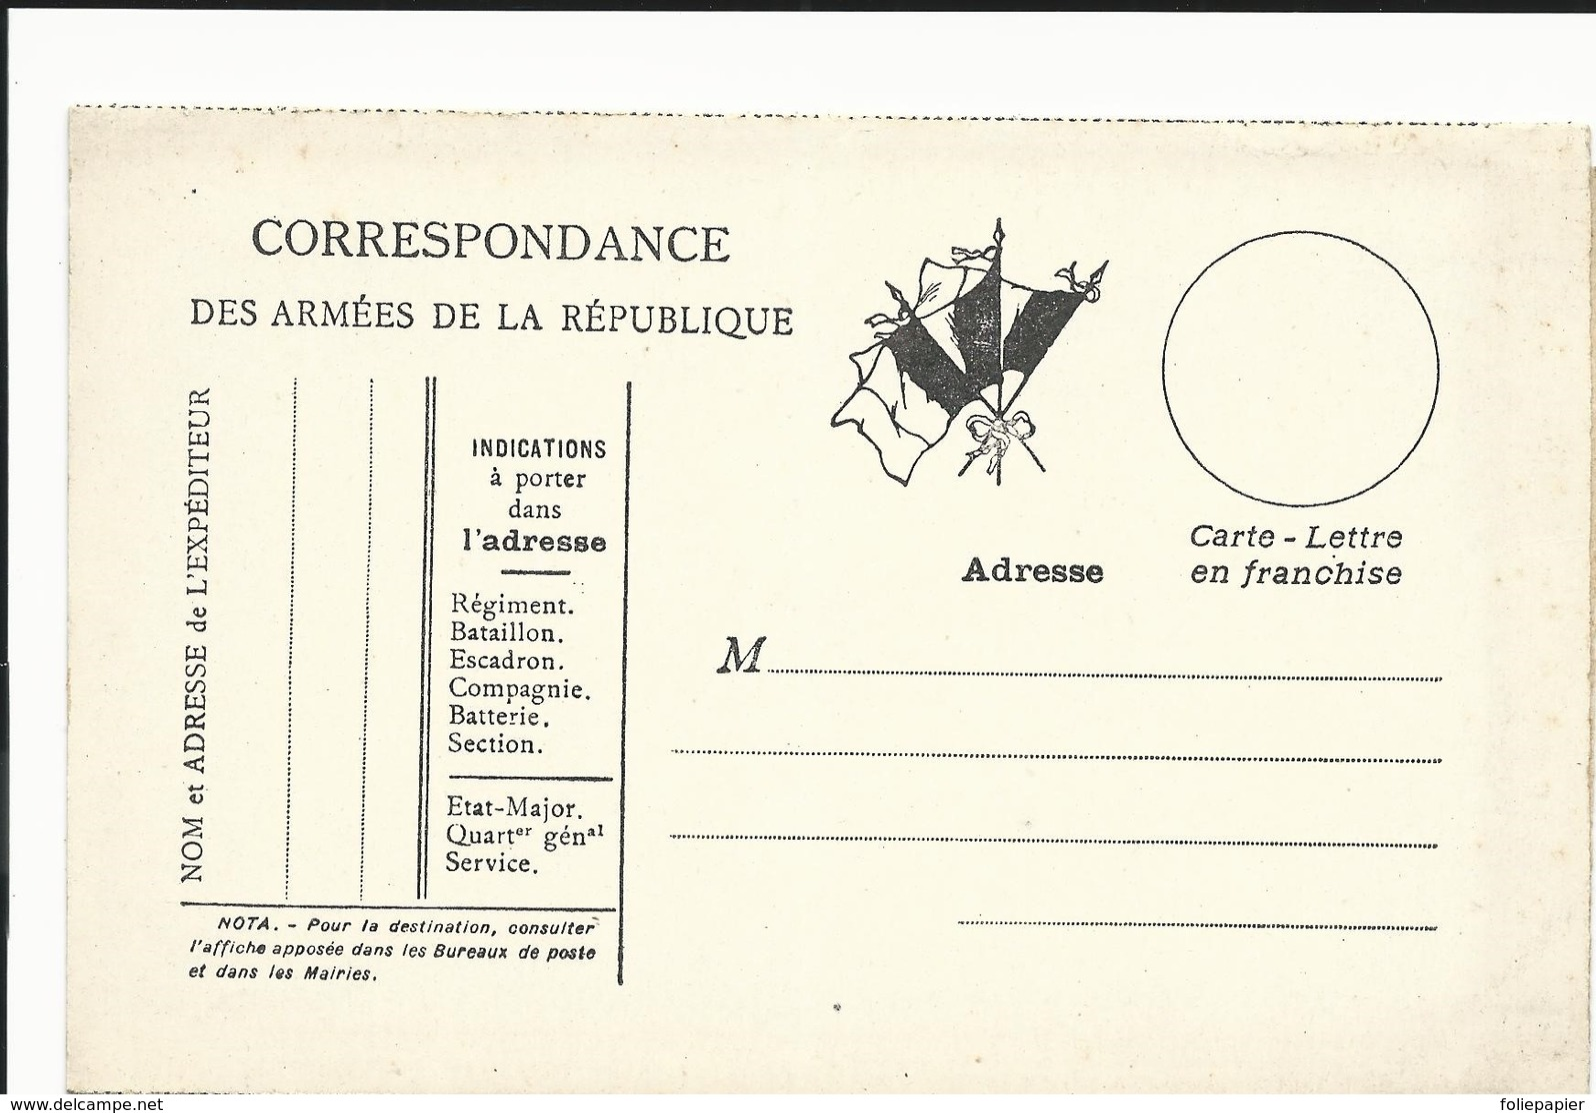 CARTE EN FRANCHISE MILITAIRE  - CARTE DOUBLE (25)  - NON ECRITE - TRES BON ETAT - Marcophilie (Lettres)